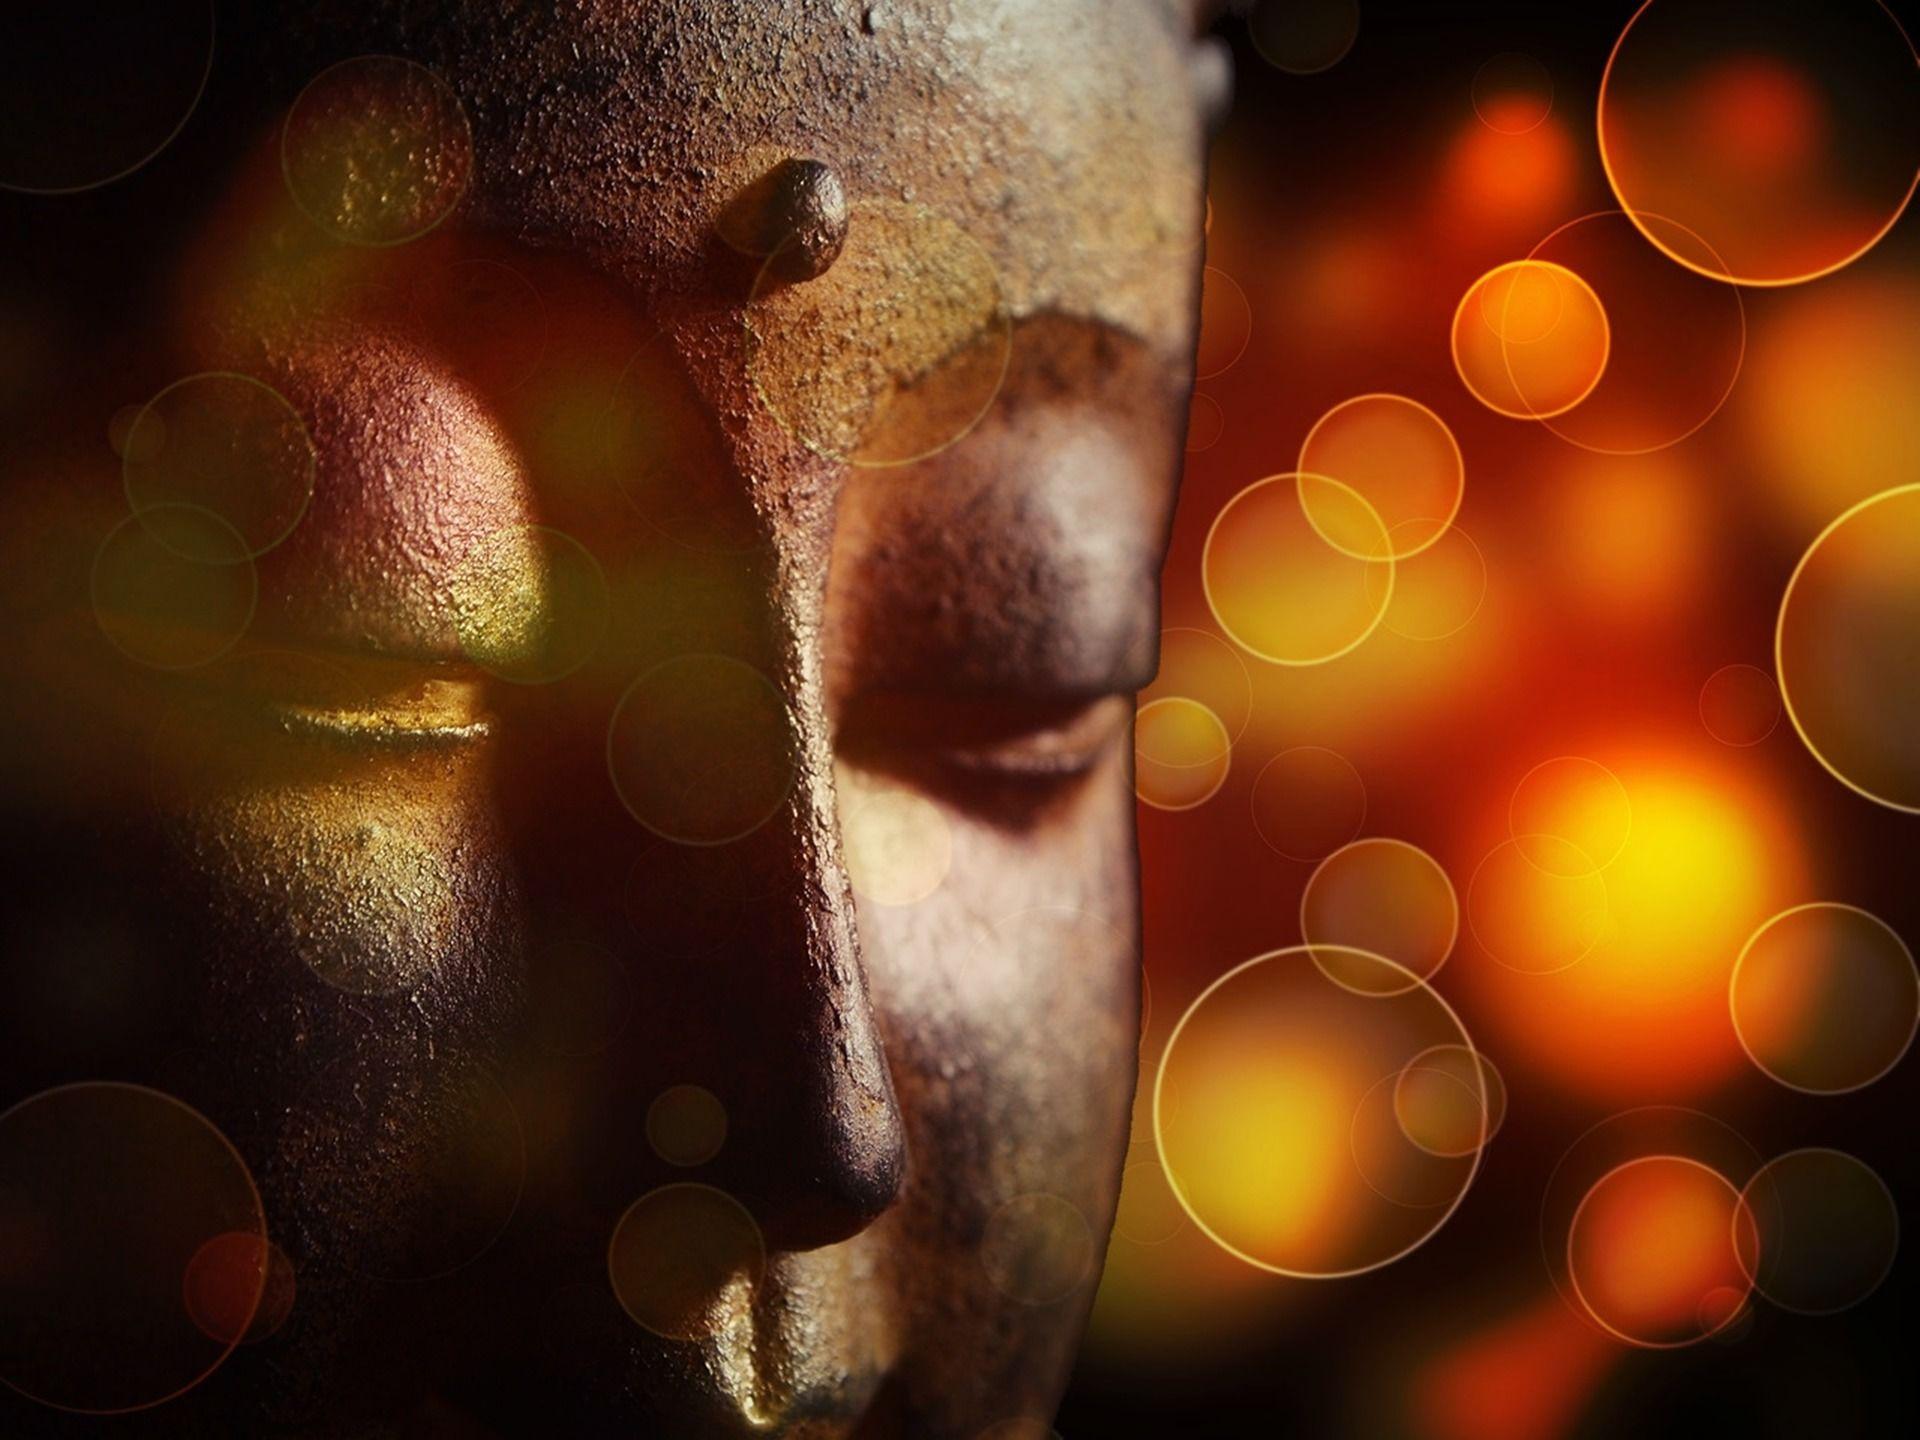 10. týden: Náš vnitřní zrak